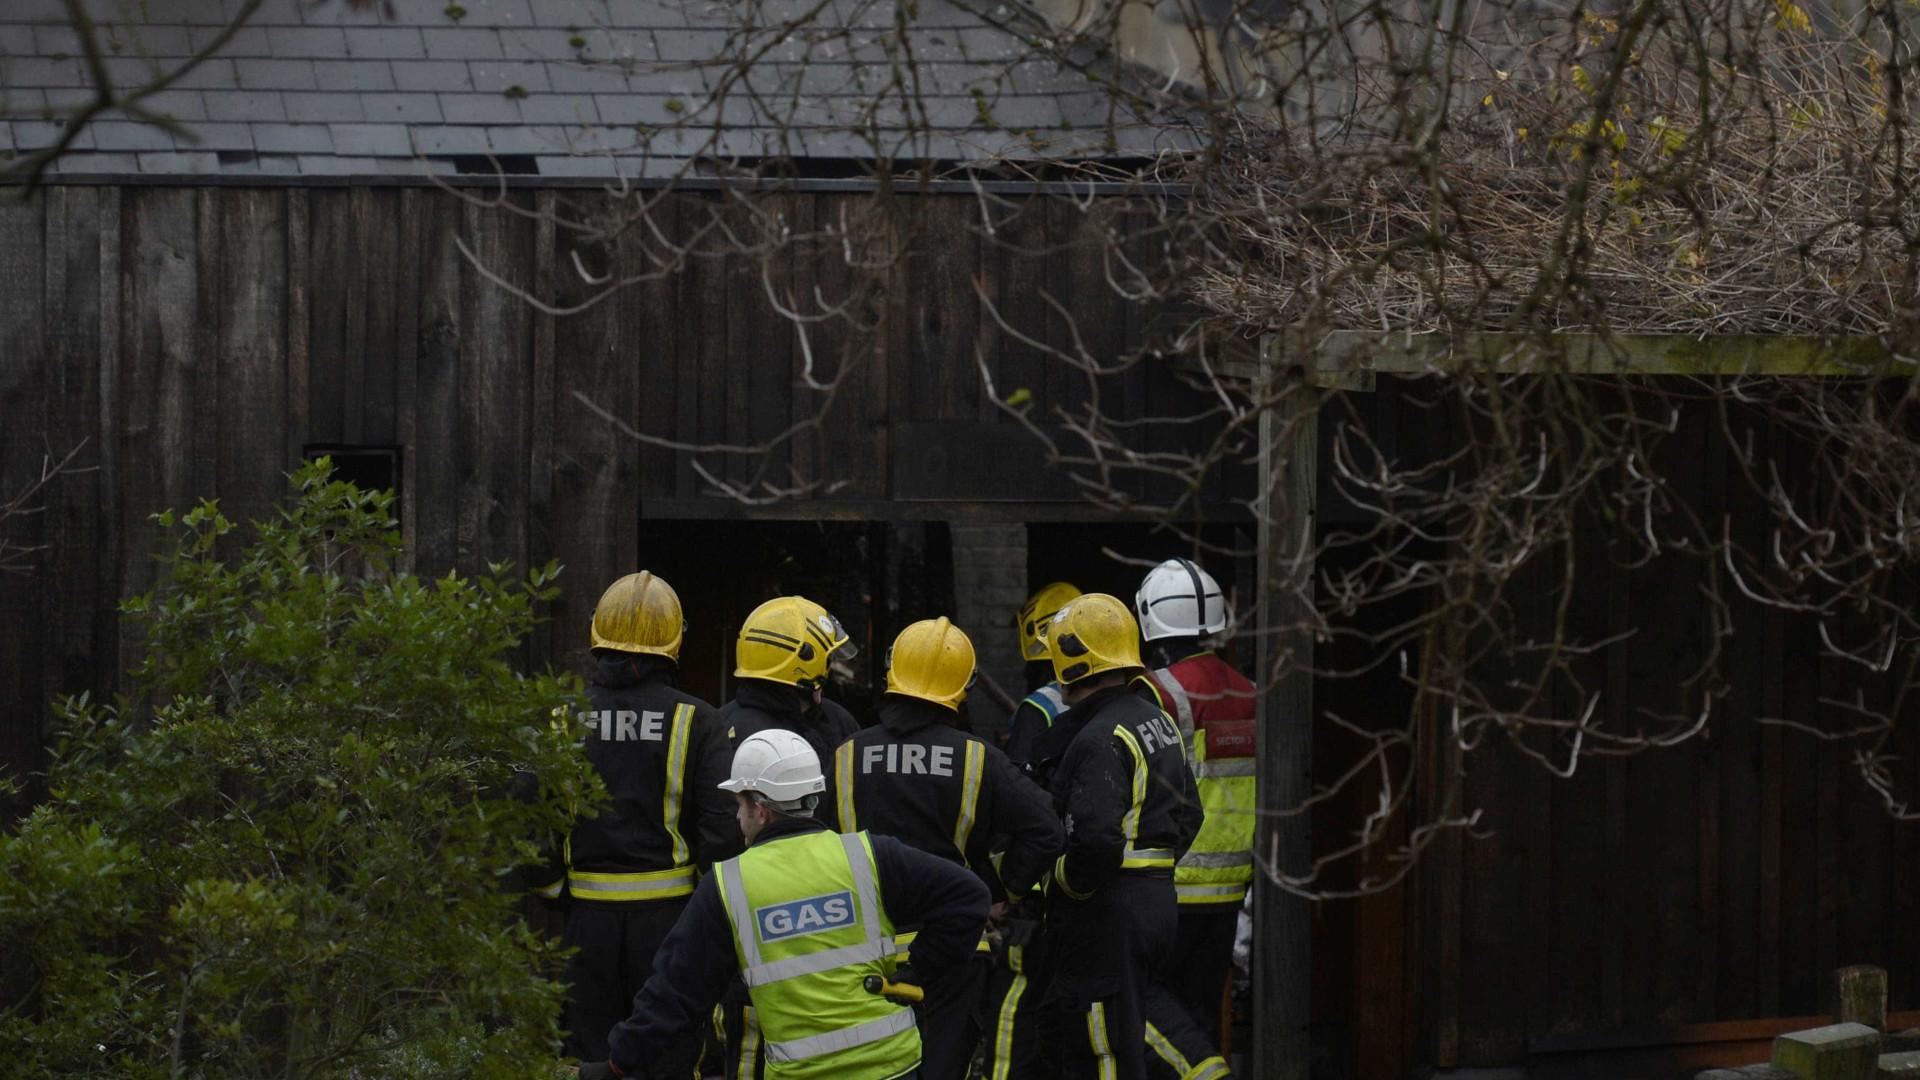 Porca-formigueira morre e suricatos somem em incêndio no Zoo de Londres